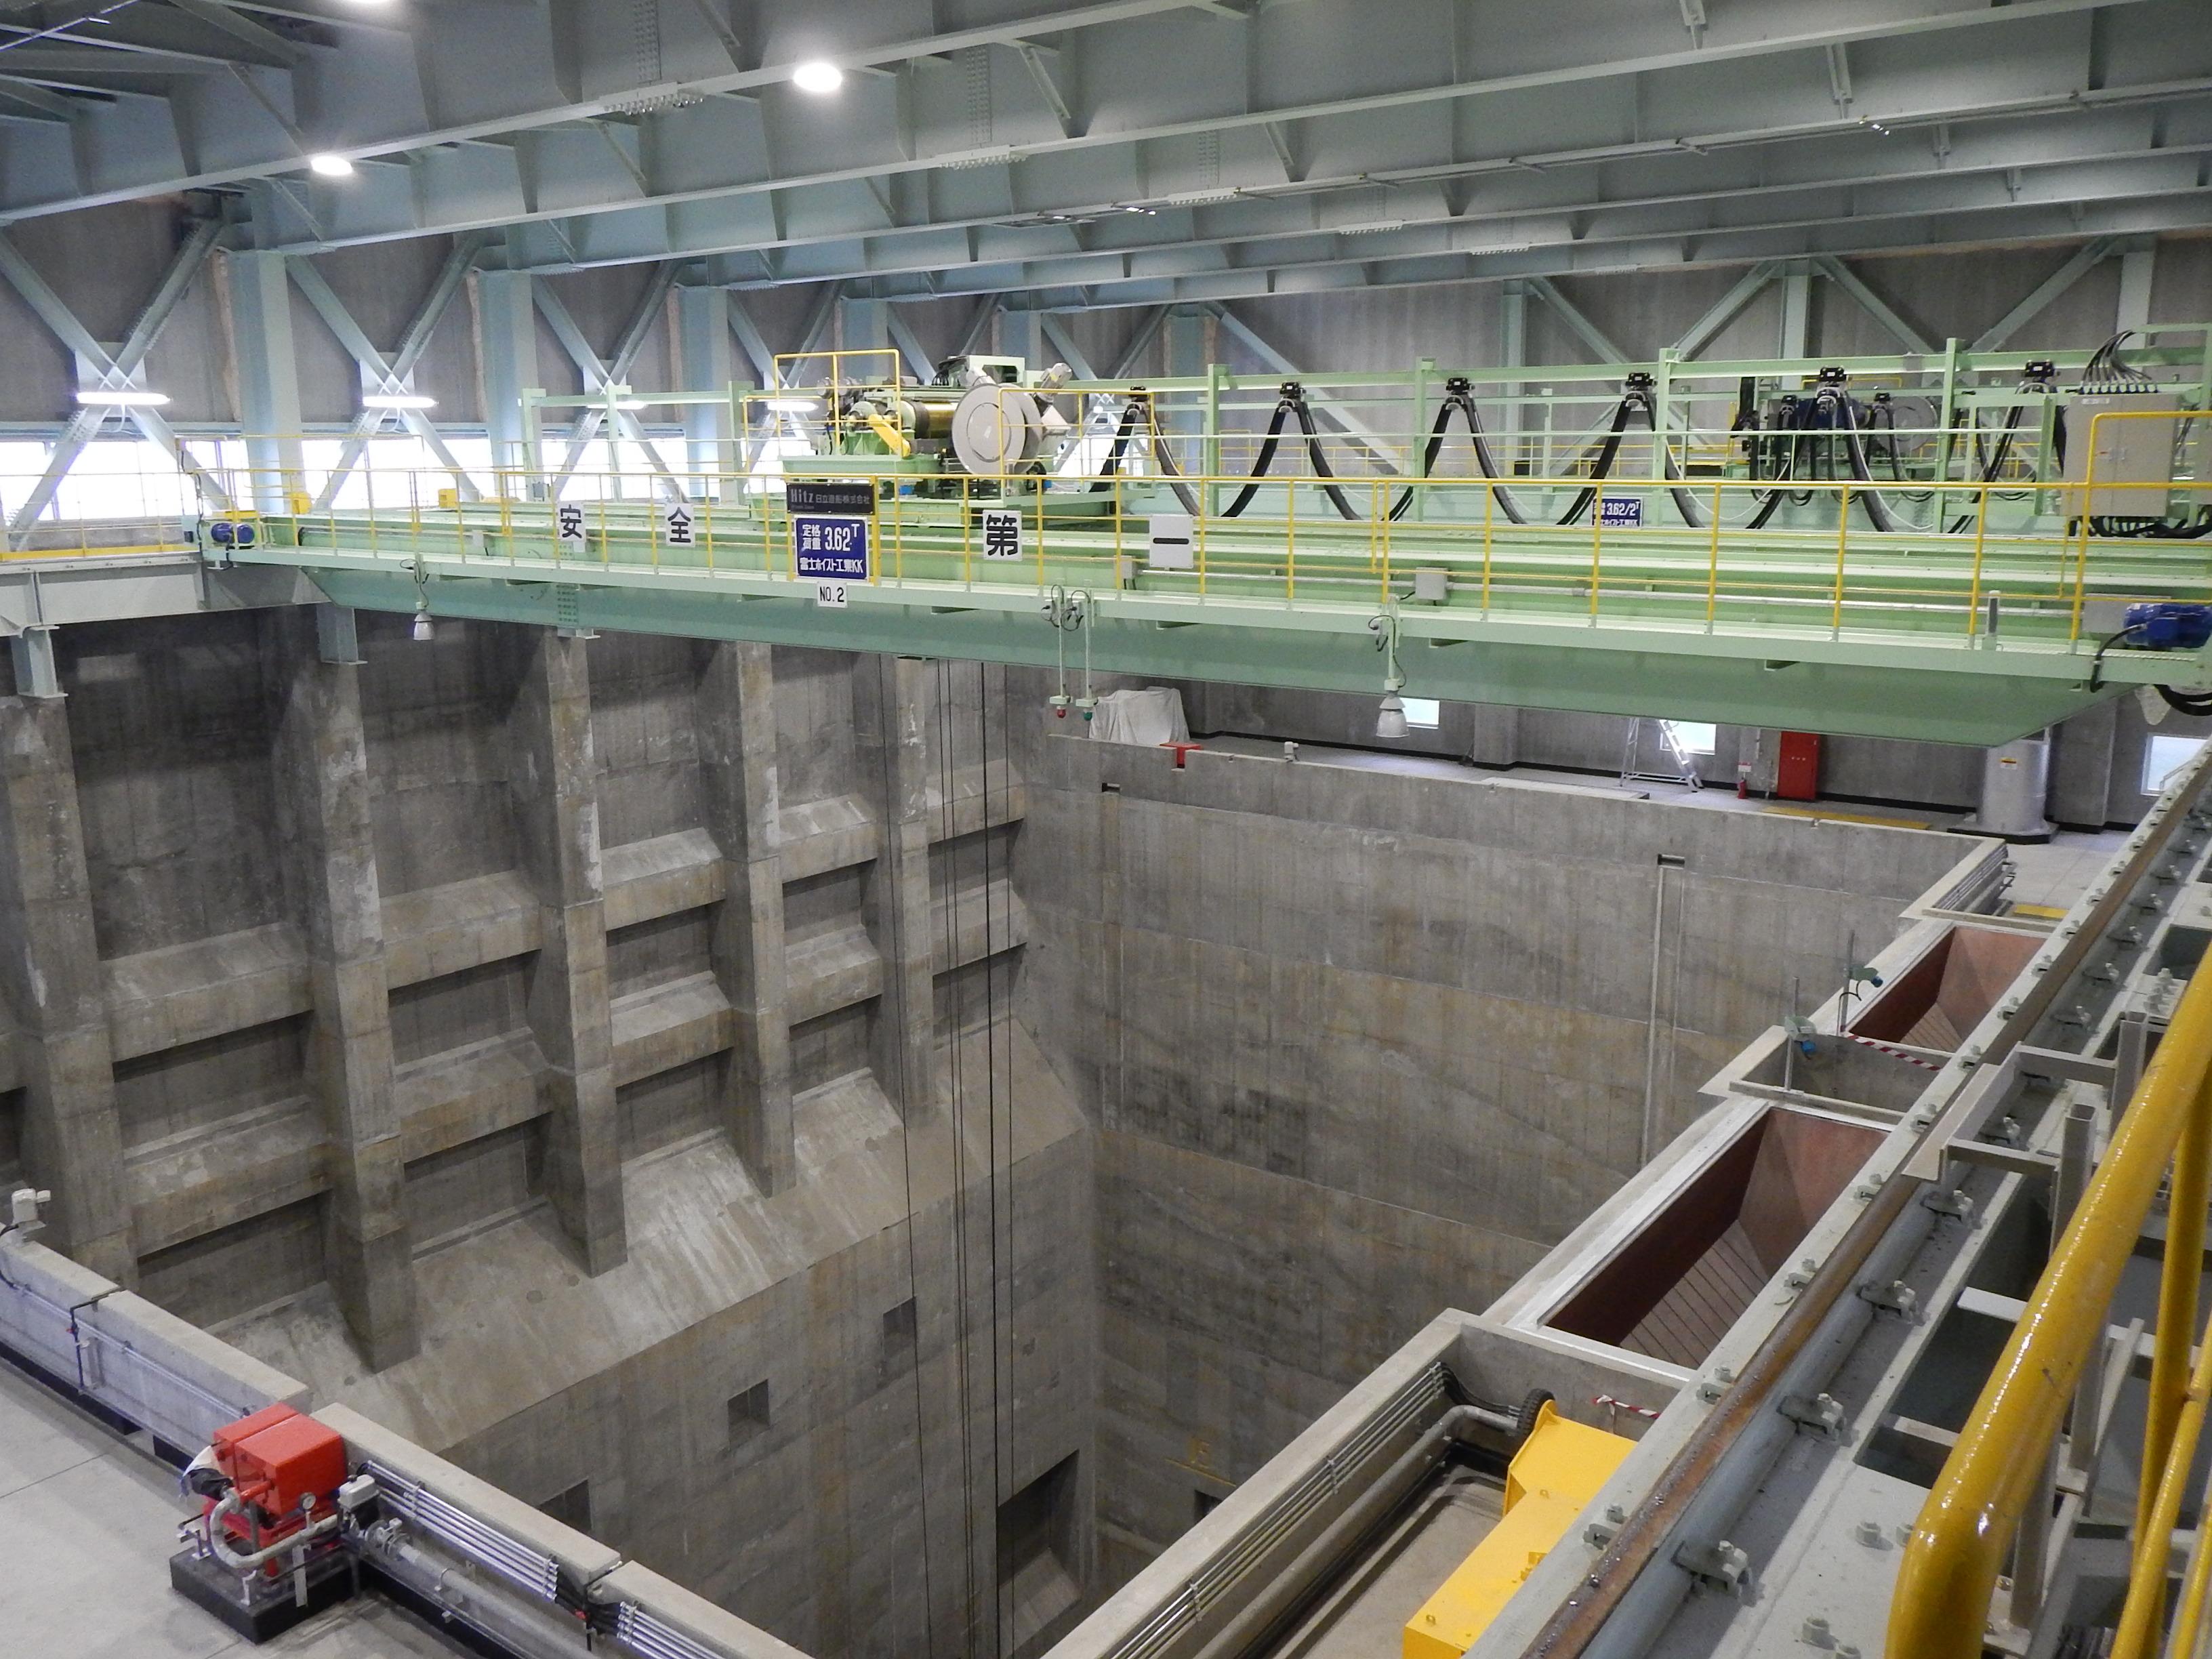 上越市廃棄物処理施設整備及び運営事業建設工事